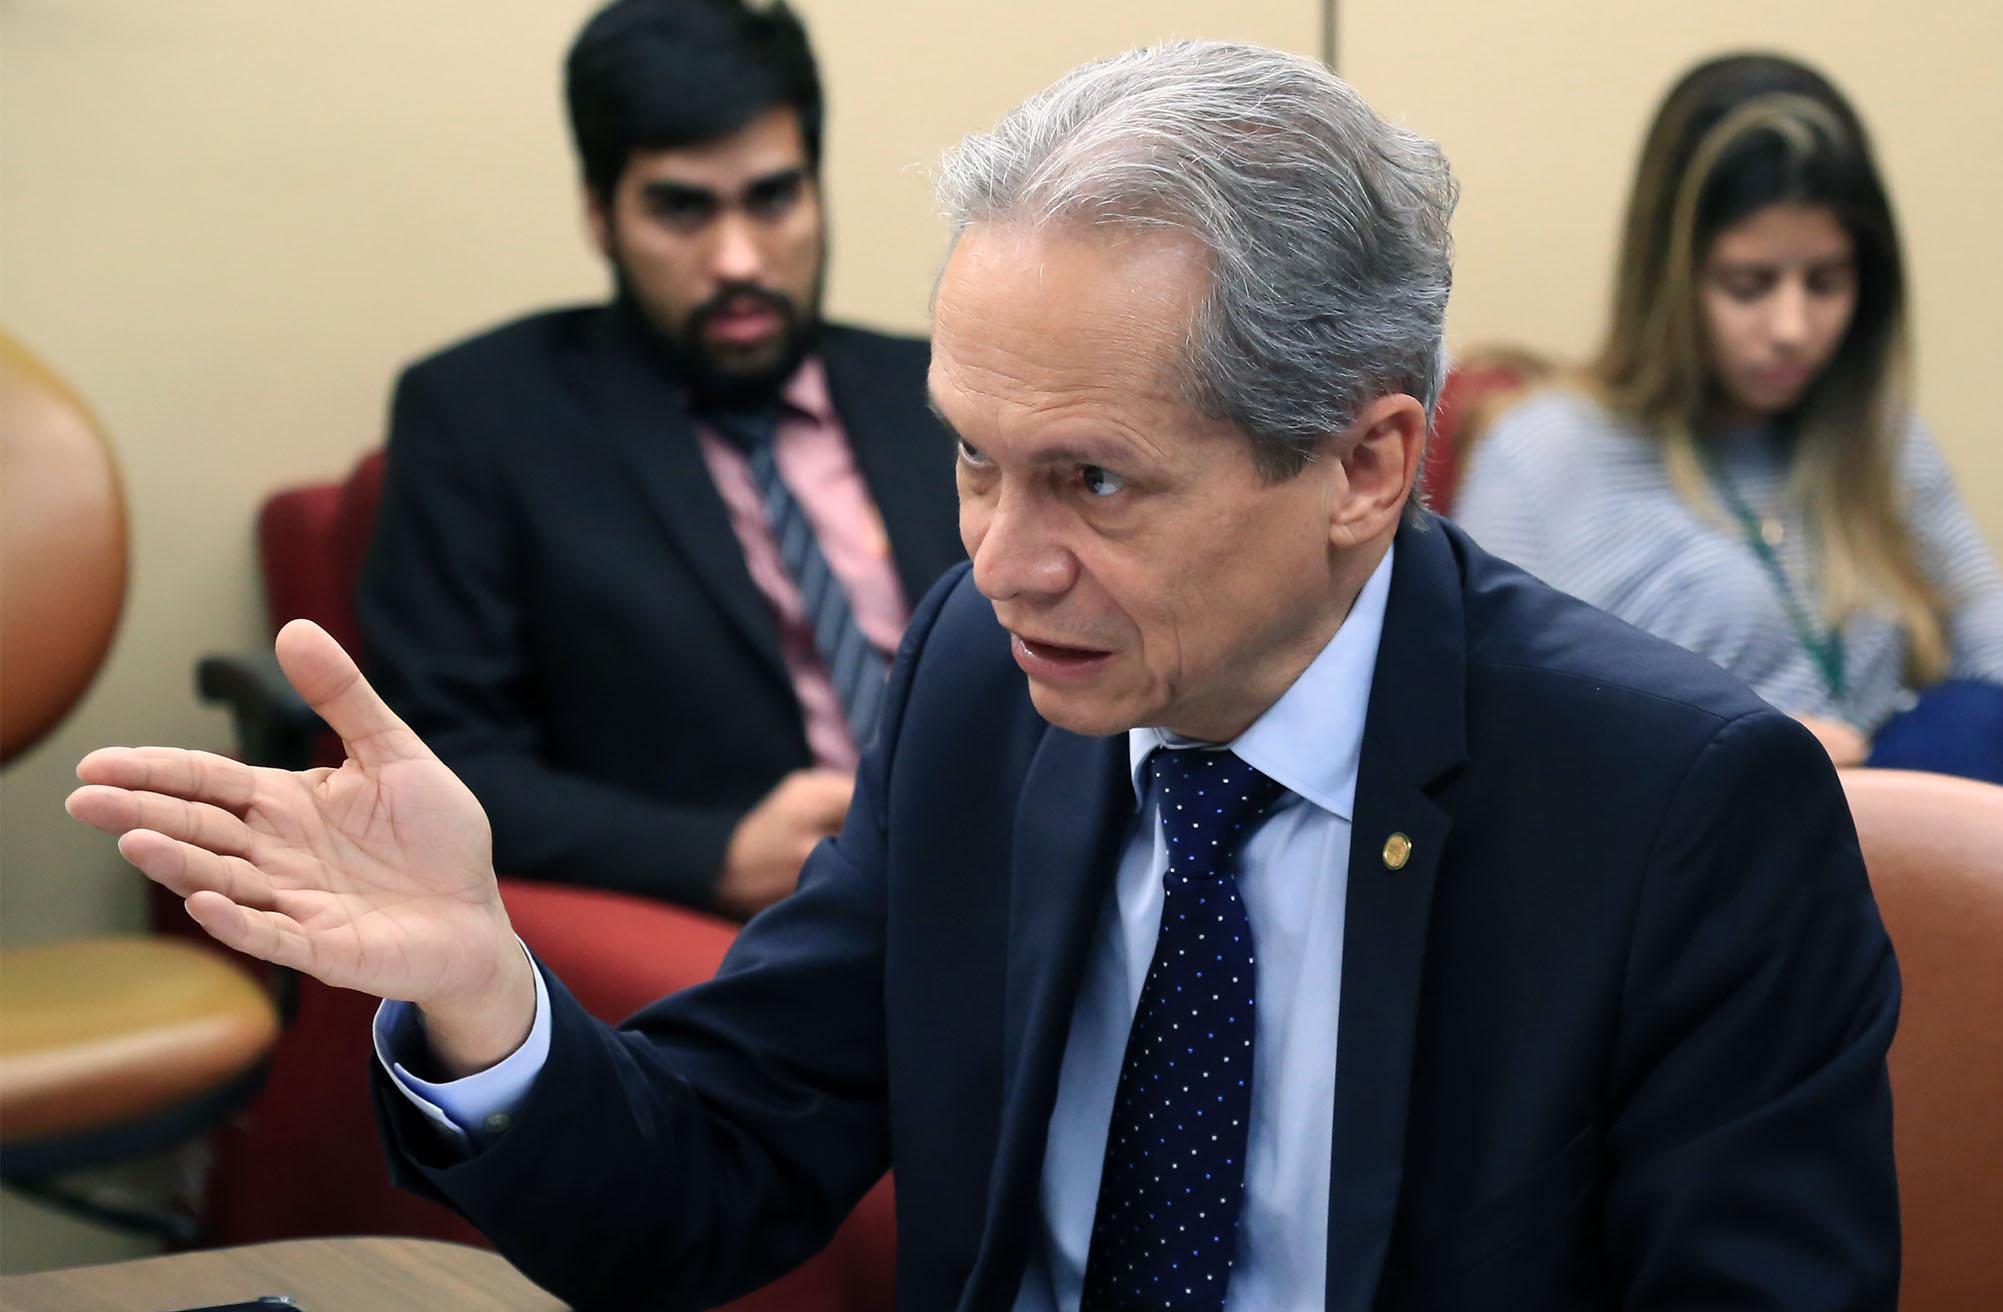 Subcomissão Especial de Cidades Inteligentes. Dep. Angelim (PT - AC)